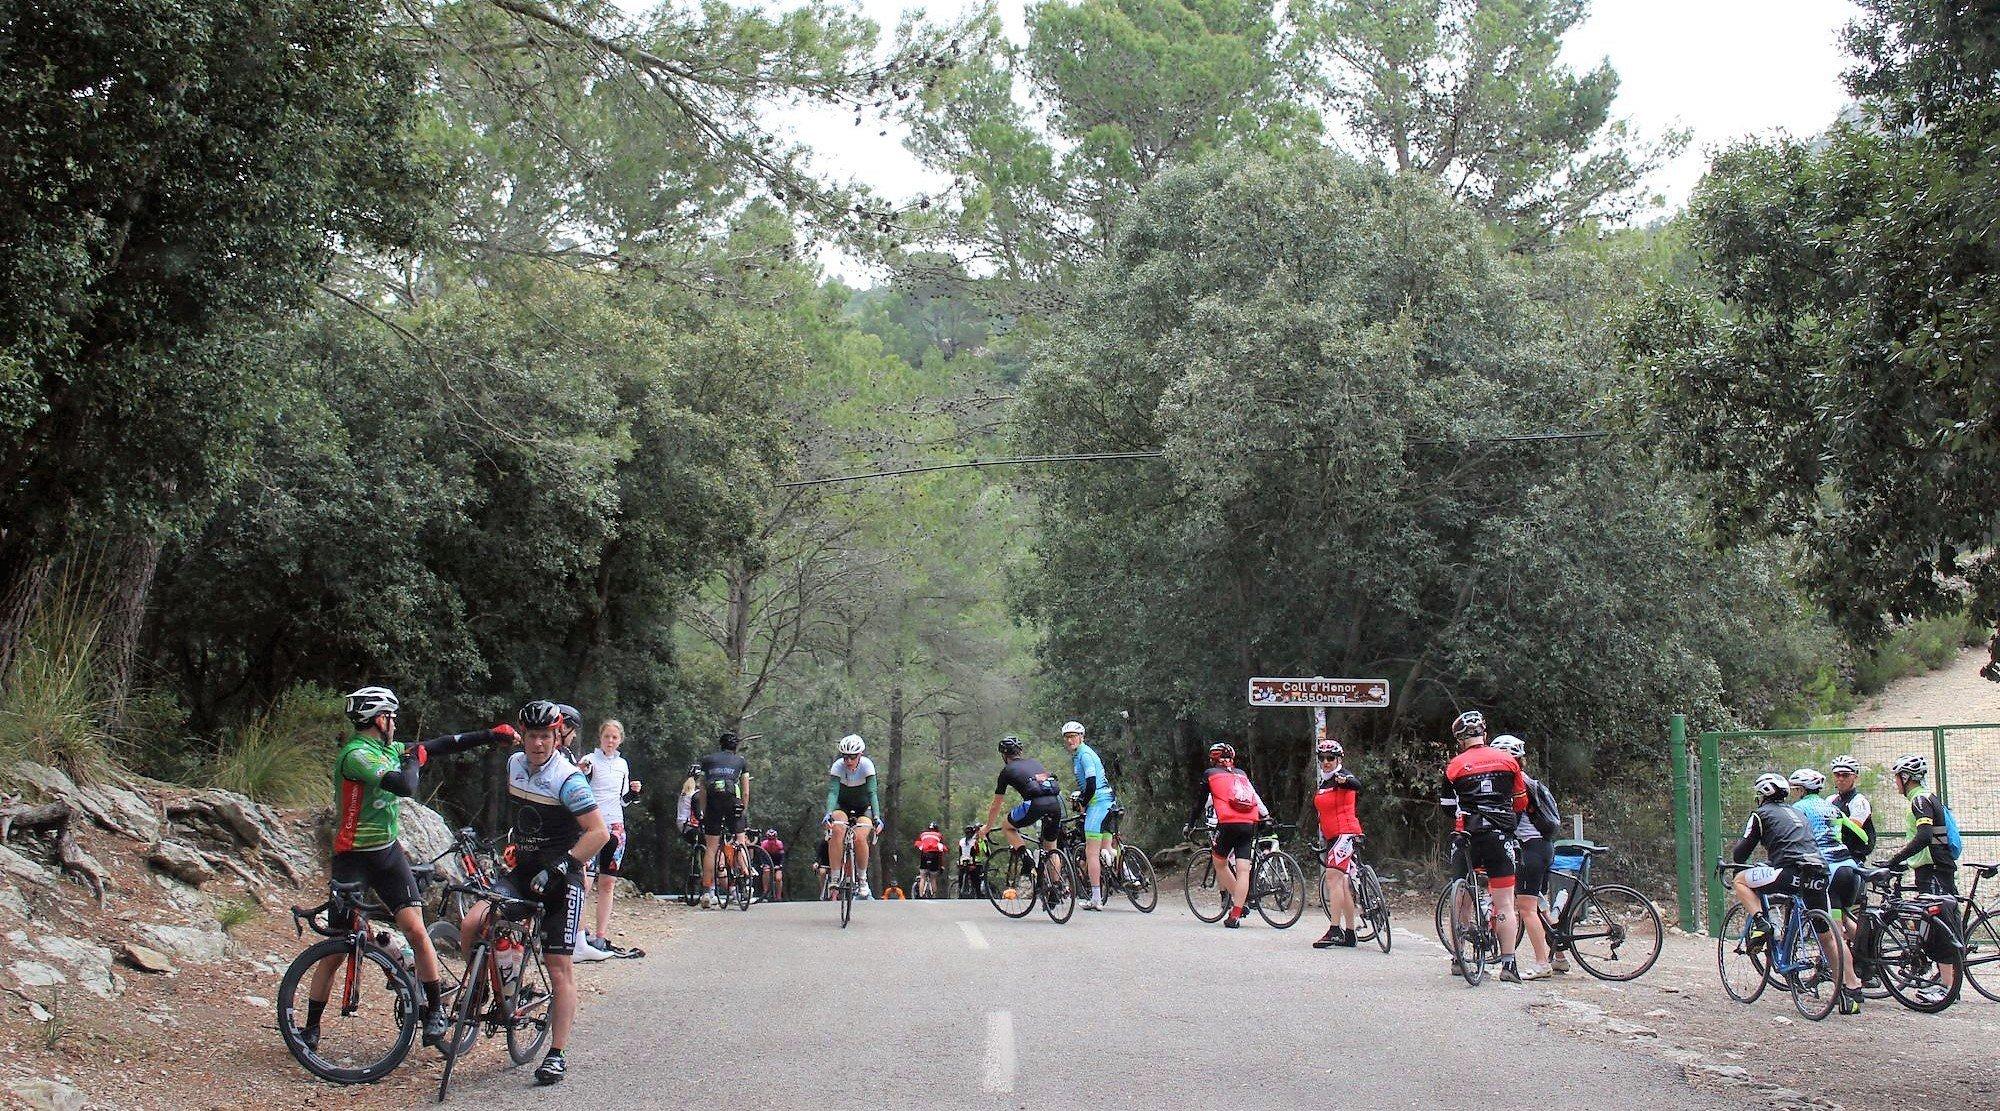 Serra de Tramuntana en bicicleta. Coll d'Honor. BICIS EN RUTA. 1170x650